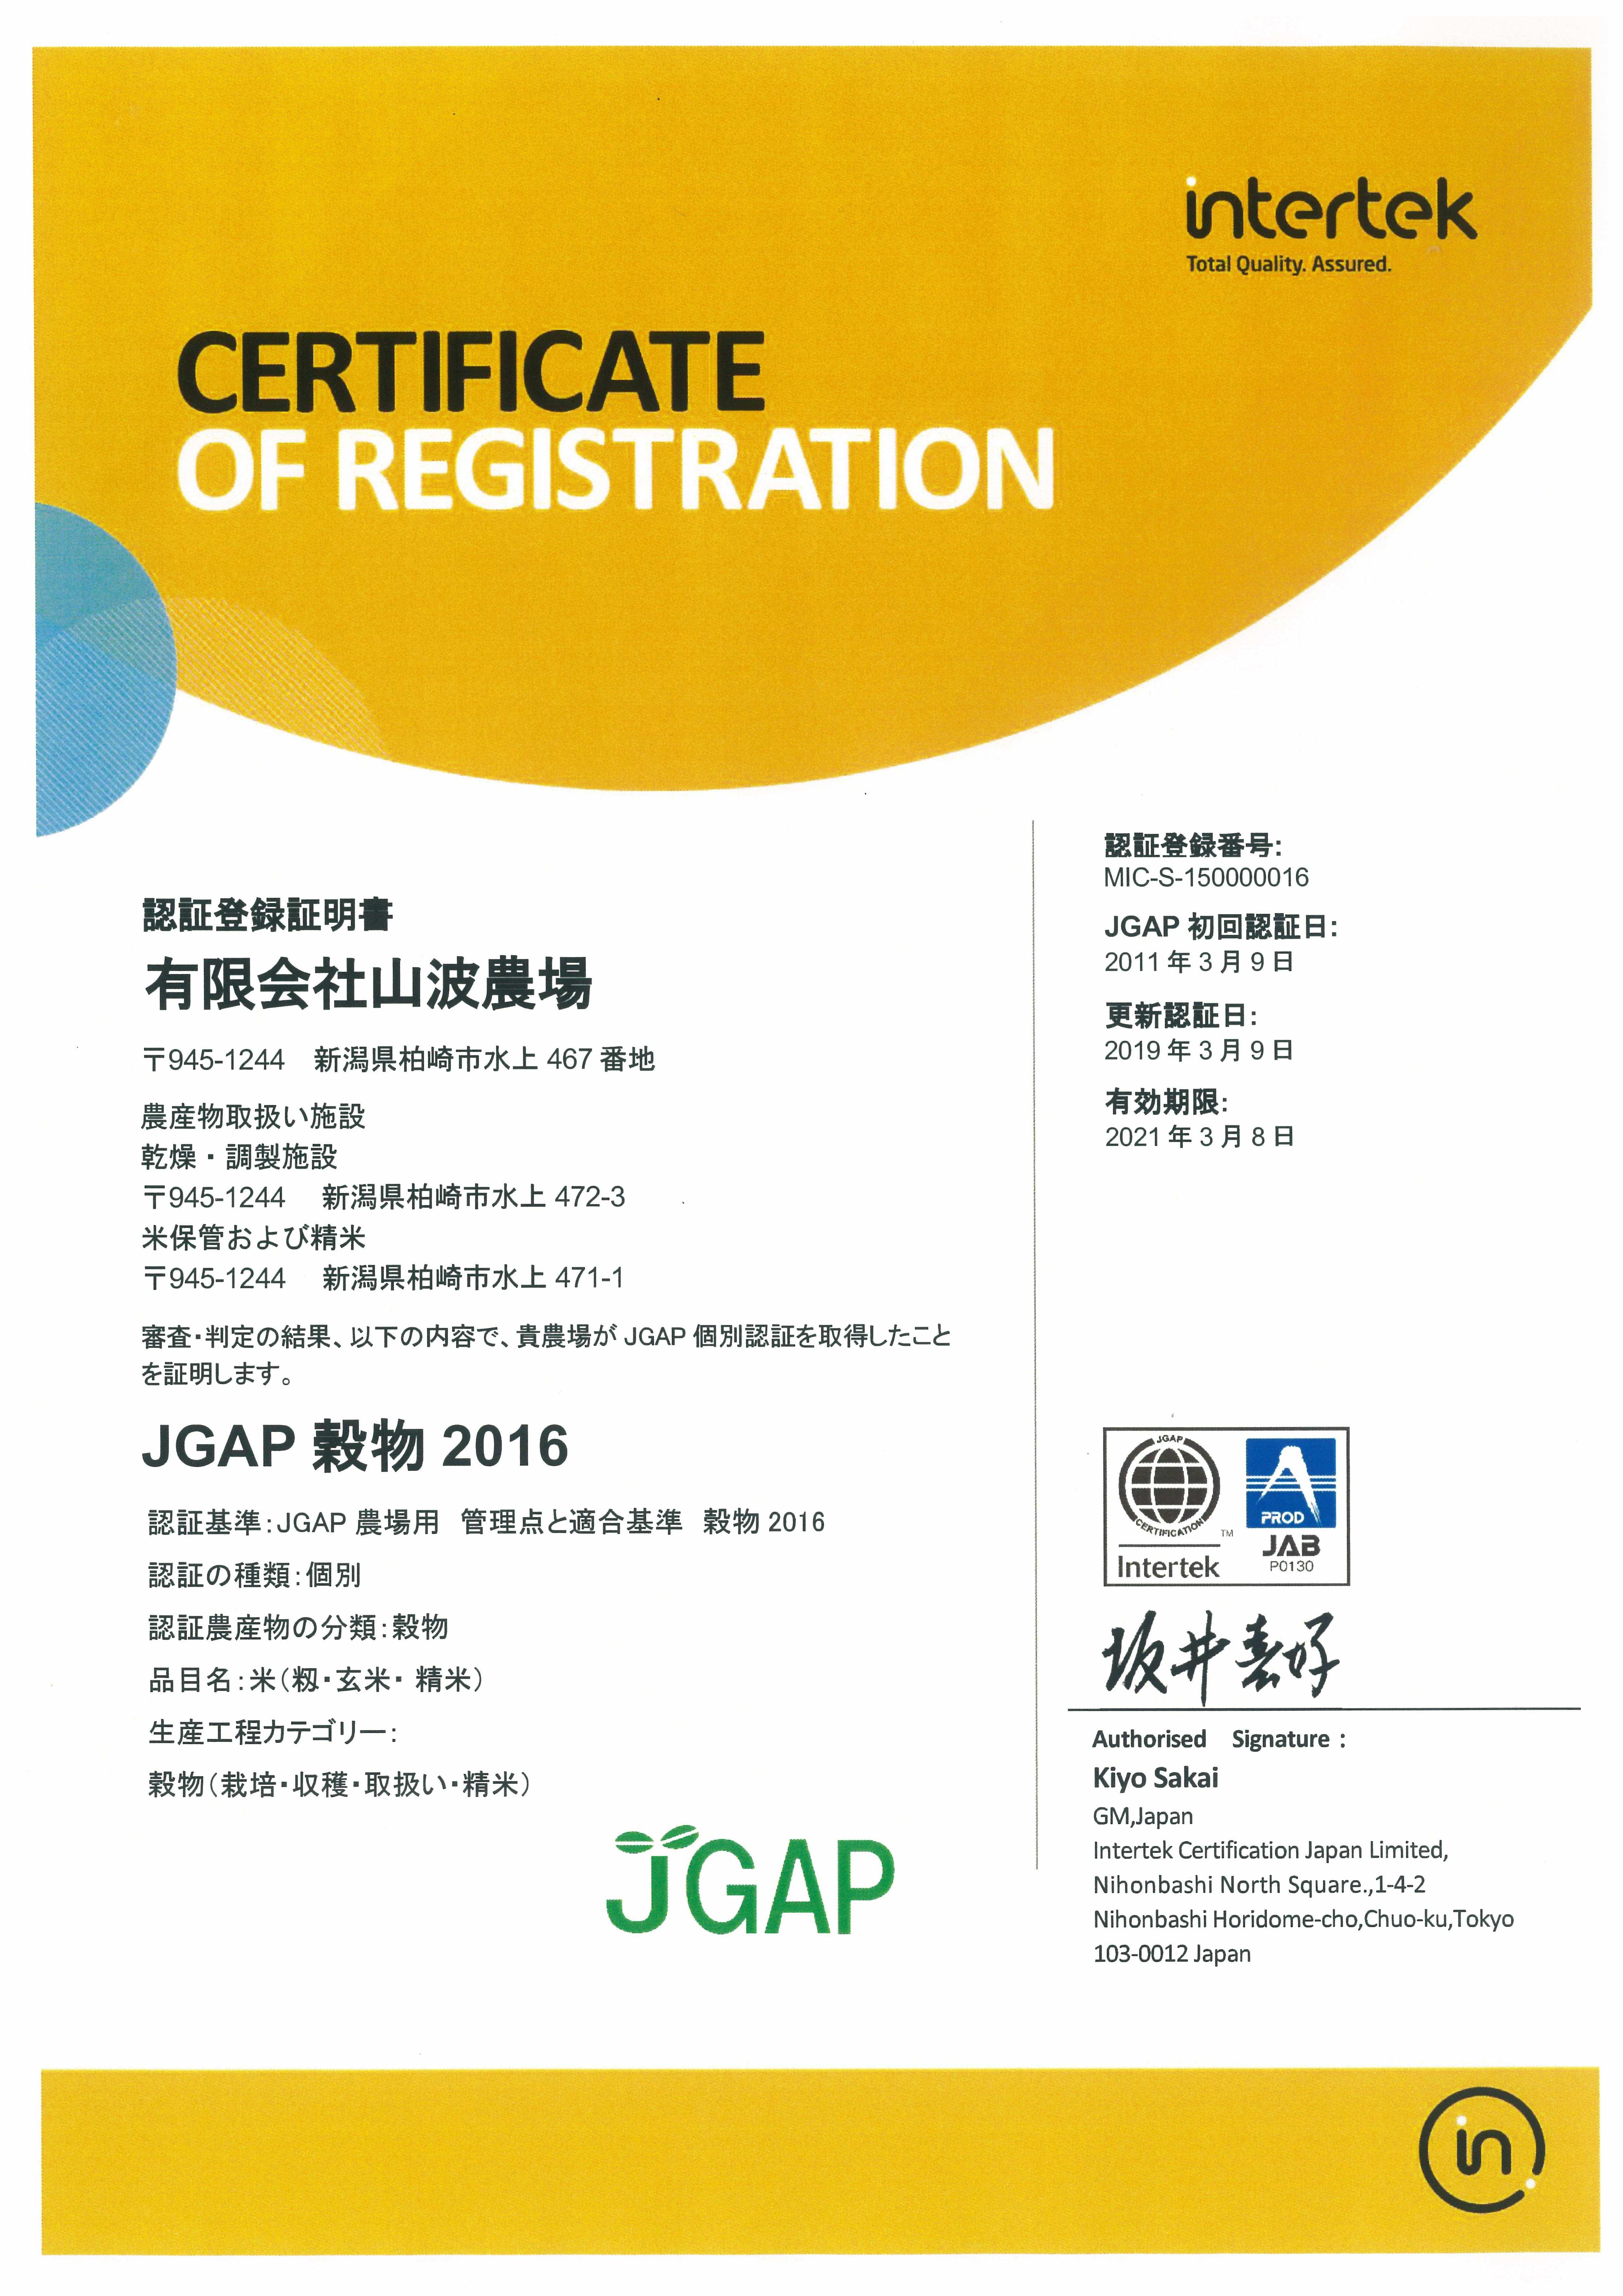 JGAP穀物2016認証